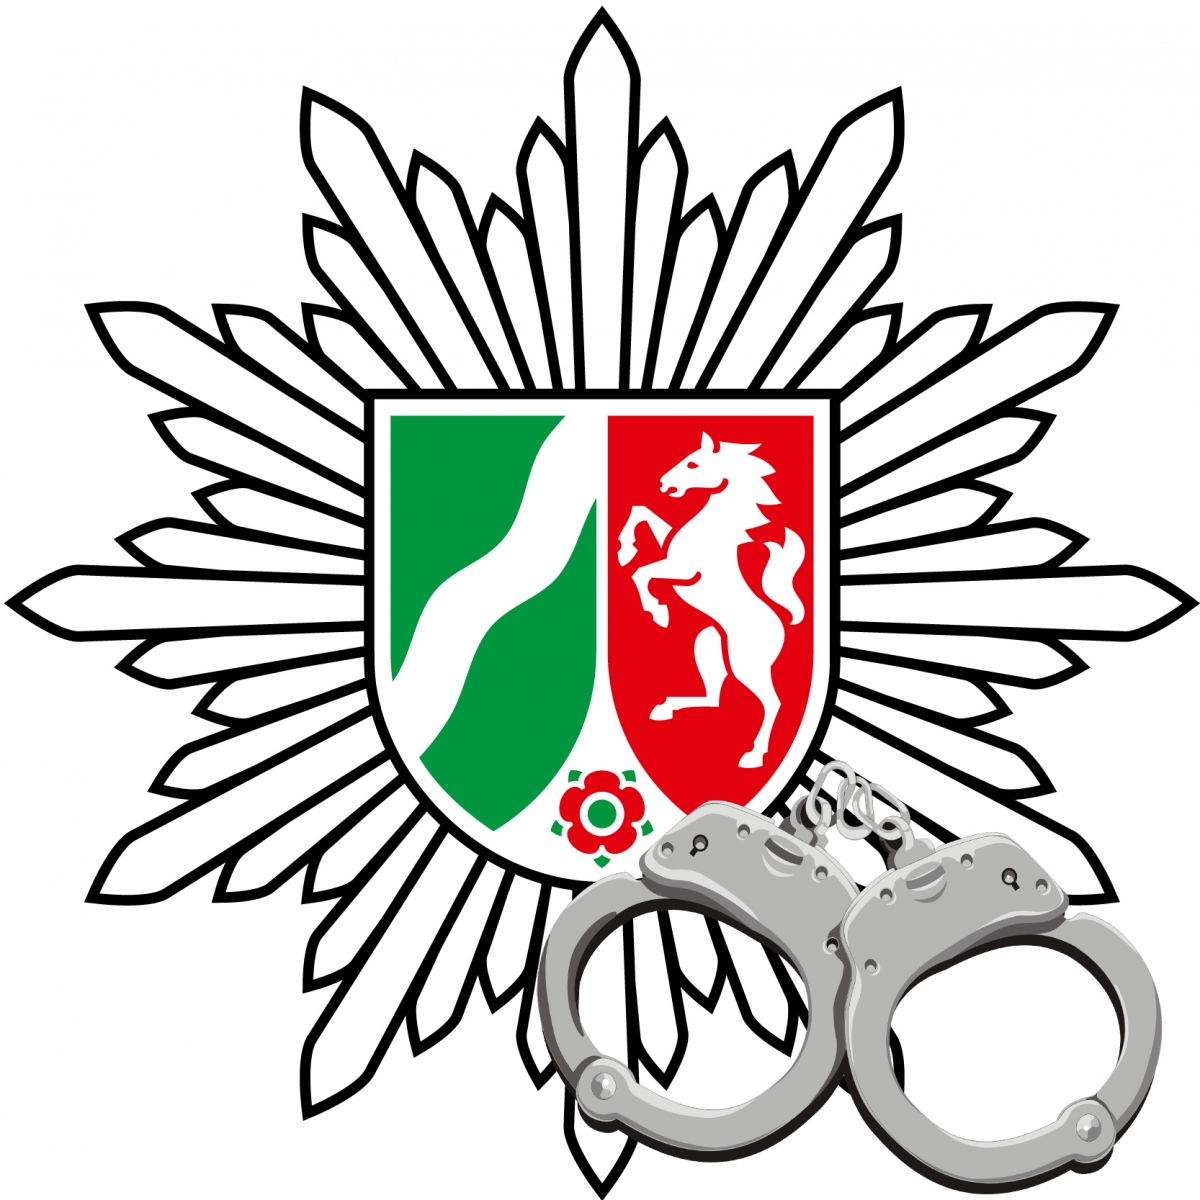 """Insgesamt 901 Polizisten sind in Nordrhein-Westfalen im vergangenen Jahr Zielscheibe widerwärtiger Spuckattacken geworden. Das geht aus dem aktuellen Lagebild """"Gewalt gegen Polizeibeamte"""" des Landeskriminalamtes hervor, """"Das haben unsere Beamten nicht verdient, das ist nicht zu akzeptieren"""", klagte Michael Mertens, Landeschef der Gewerkschaft der Polizei (GdP) bei einem Besuch der Redaktion der Neue Ruhr/Neue Rhein Zeitung (NRZ, Donnerstagsausgabe). Die Gewerkschaft fordert, dass die Streifenwagen mit sogenannten """"Spuckhauben"""" ausgestattet werden. Diese Hauben (Einzelpreis: um die zwei bis drei Euro) sind aus leichtem, transparentem Stoff. GdP-Chef Mertens fordert, dass Beamte bei Bedarf darauf zurückgreifen können, um sie Angreifern überzuziehen. Ein schon jetzt zur Ausrüstung gehörender Mundschutz reiche nicht aus - """"den streifen sich die Leute ab"""". Mertens betont, dass die Hauben nicht automatisch bei jeder Festnahme zum Einsatz kommen sollen. Man werde sicher auch """"nicht jede Spuckattacke verhindern können"""". """"Es geht in erster Linie um den Gesundheitsschutz der Beamten"""", sagte der GdP-Chef. Es gelte, Infektionen - etwa mit Hepatitis C, zu verhindern. Was Mertens aber auch sehr wichtig ist: """"Unsere Beamten dürfen nicht herabgewürdigt werden,"""" Und Bespucken sei eine ganz niedere Form der Herabwürdigung. Bei der GdP geht man davon aus, dass die tatsächliche Zahl der Spuckattacken sogar noch viel höher liegt, weil nicht alle Fälle zur Anzeige kommen. Pressekontakt: Neue Ruhr Zeitung / Neue Rhein Zeitung"""